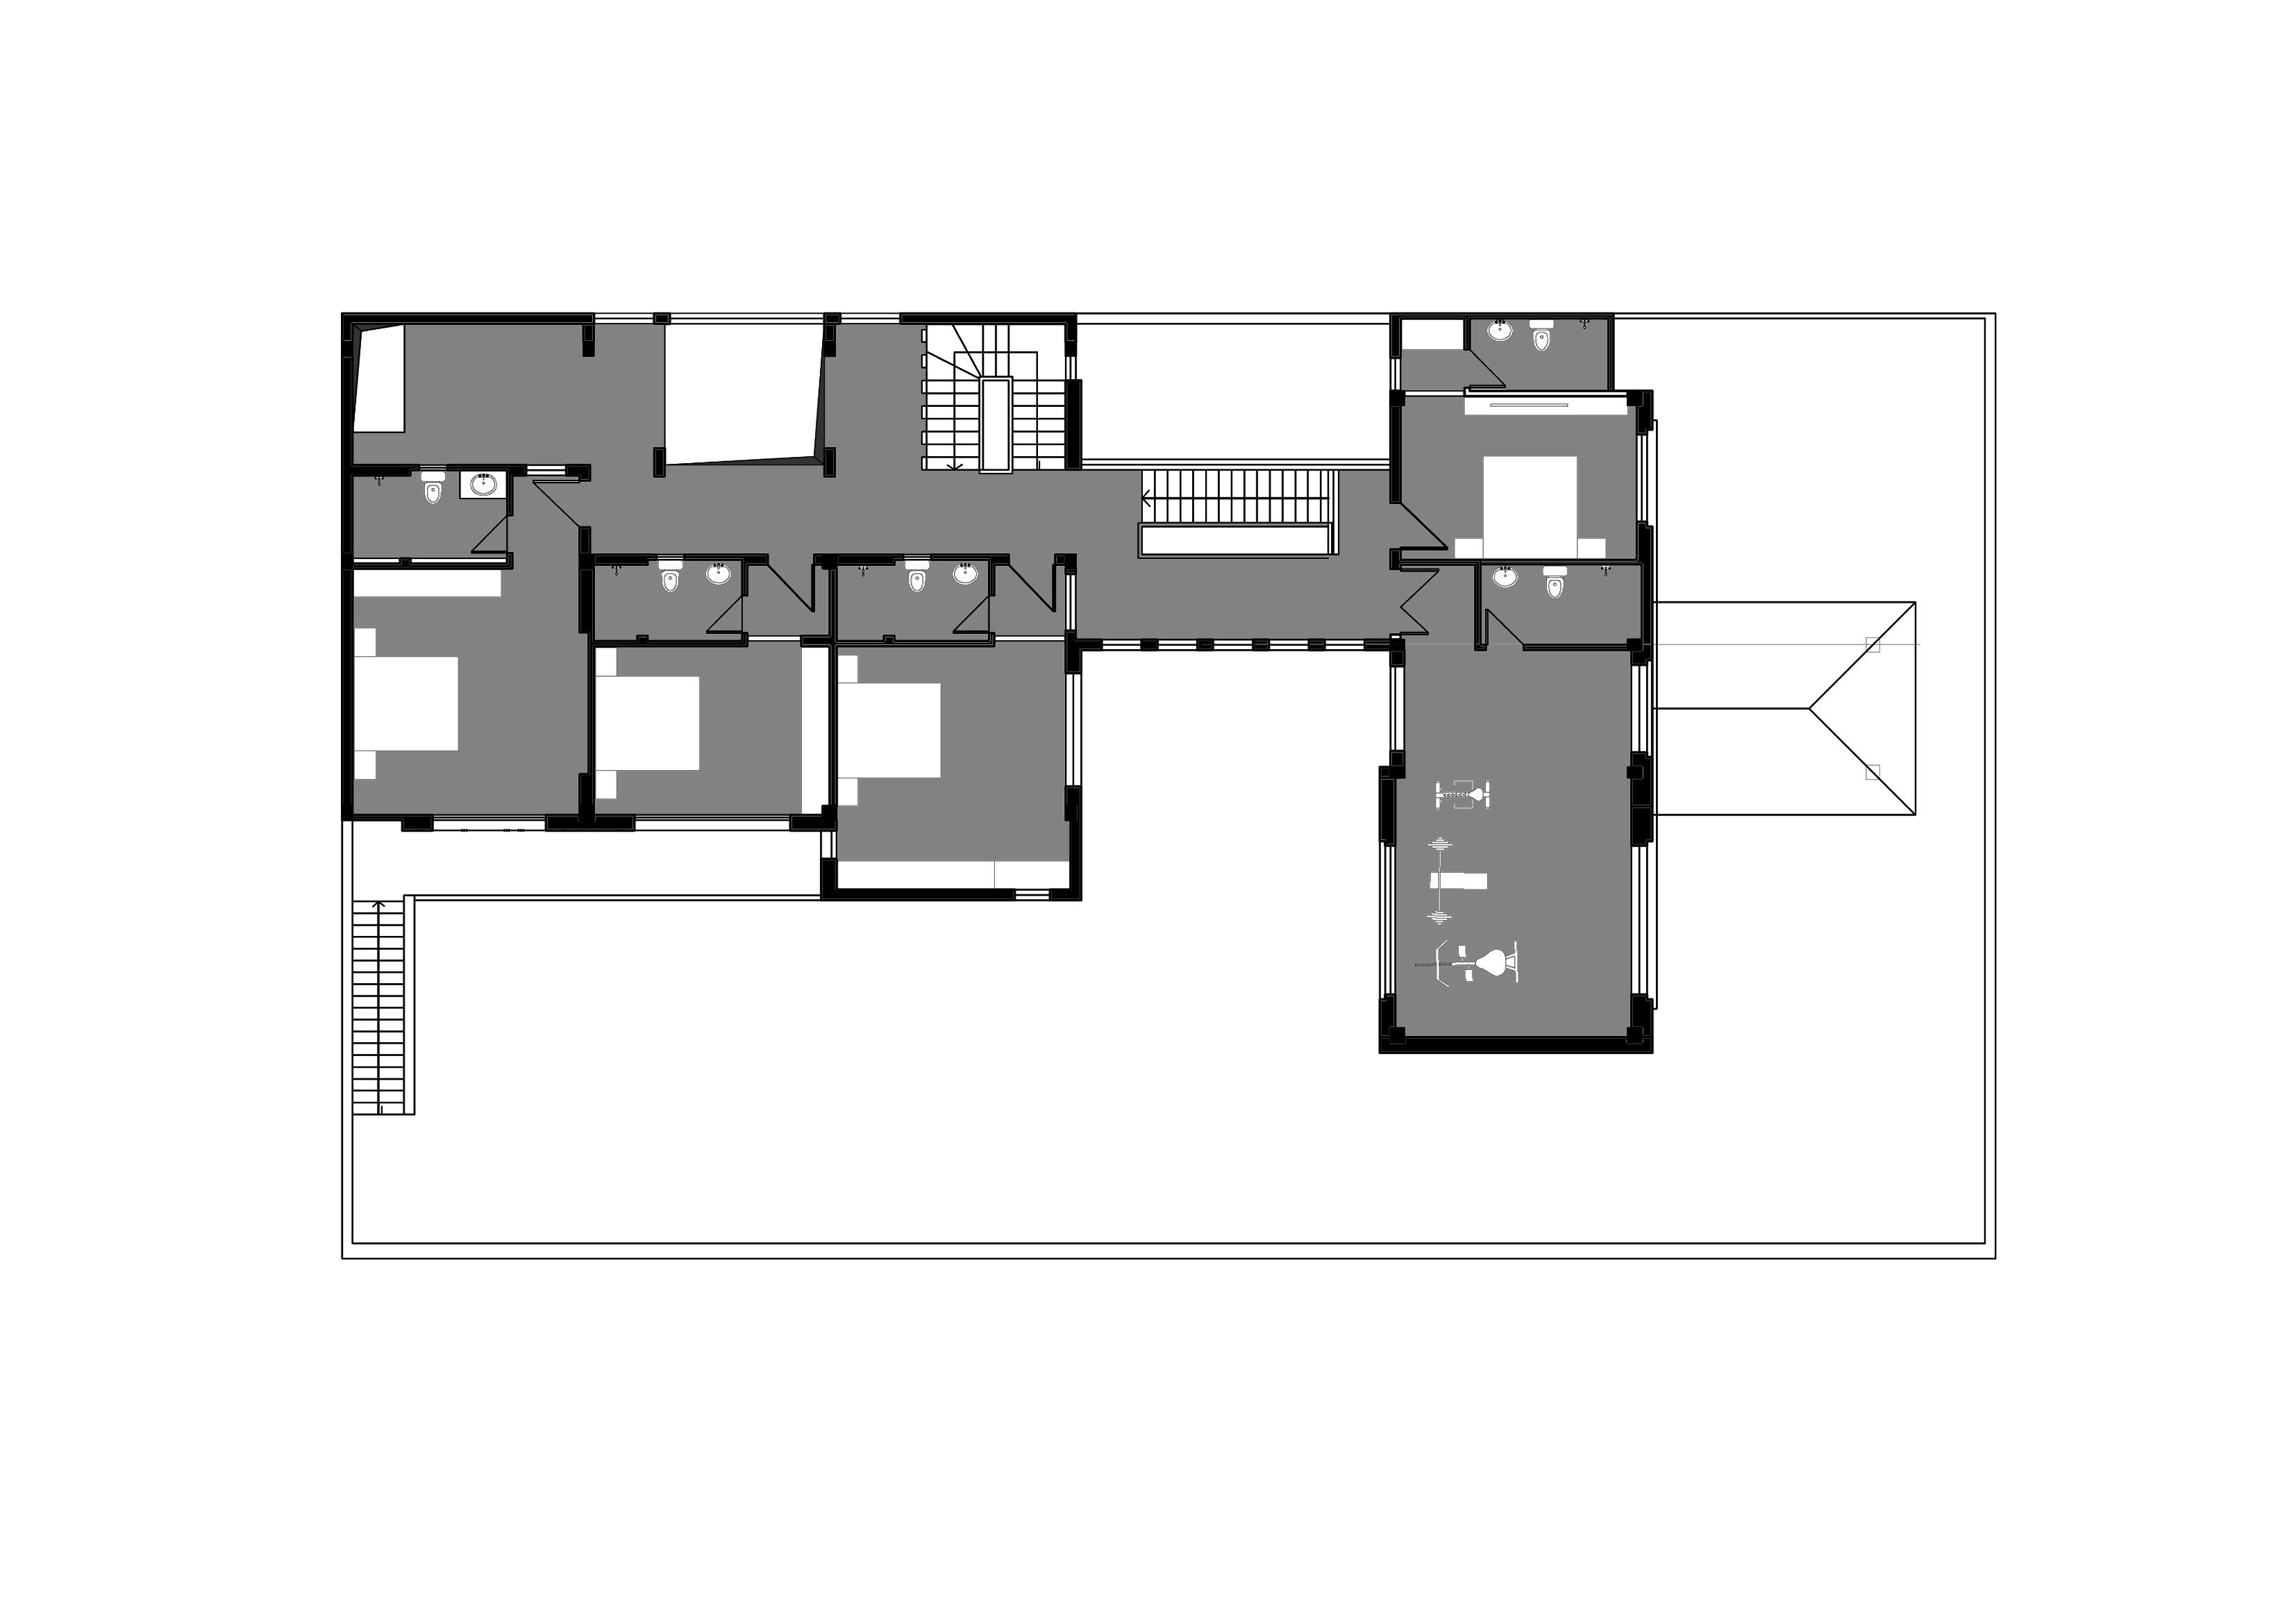 Mẫu biệt thự 3 tầng đẹp hình ảnh 2 - MB1 - BT123